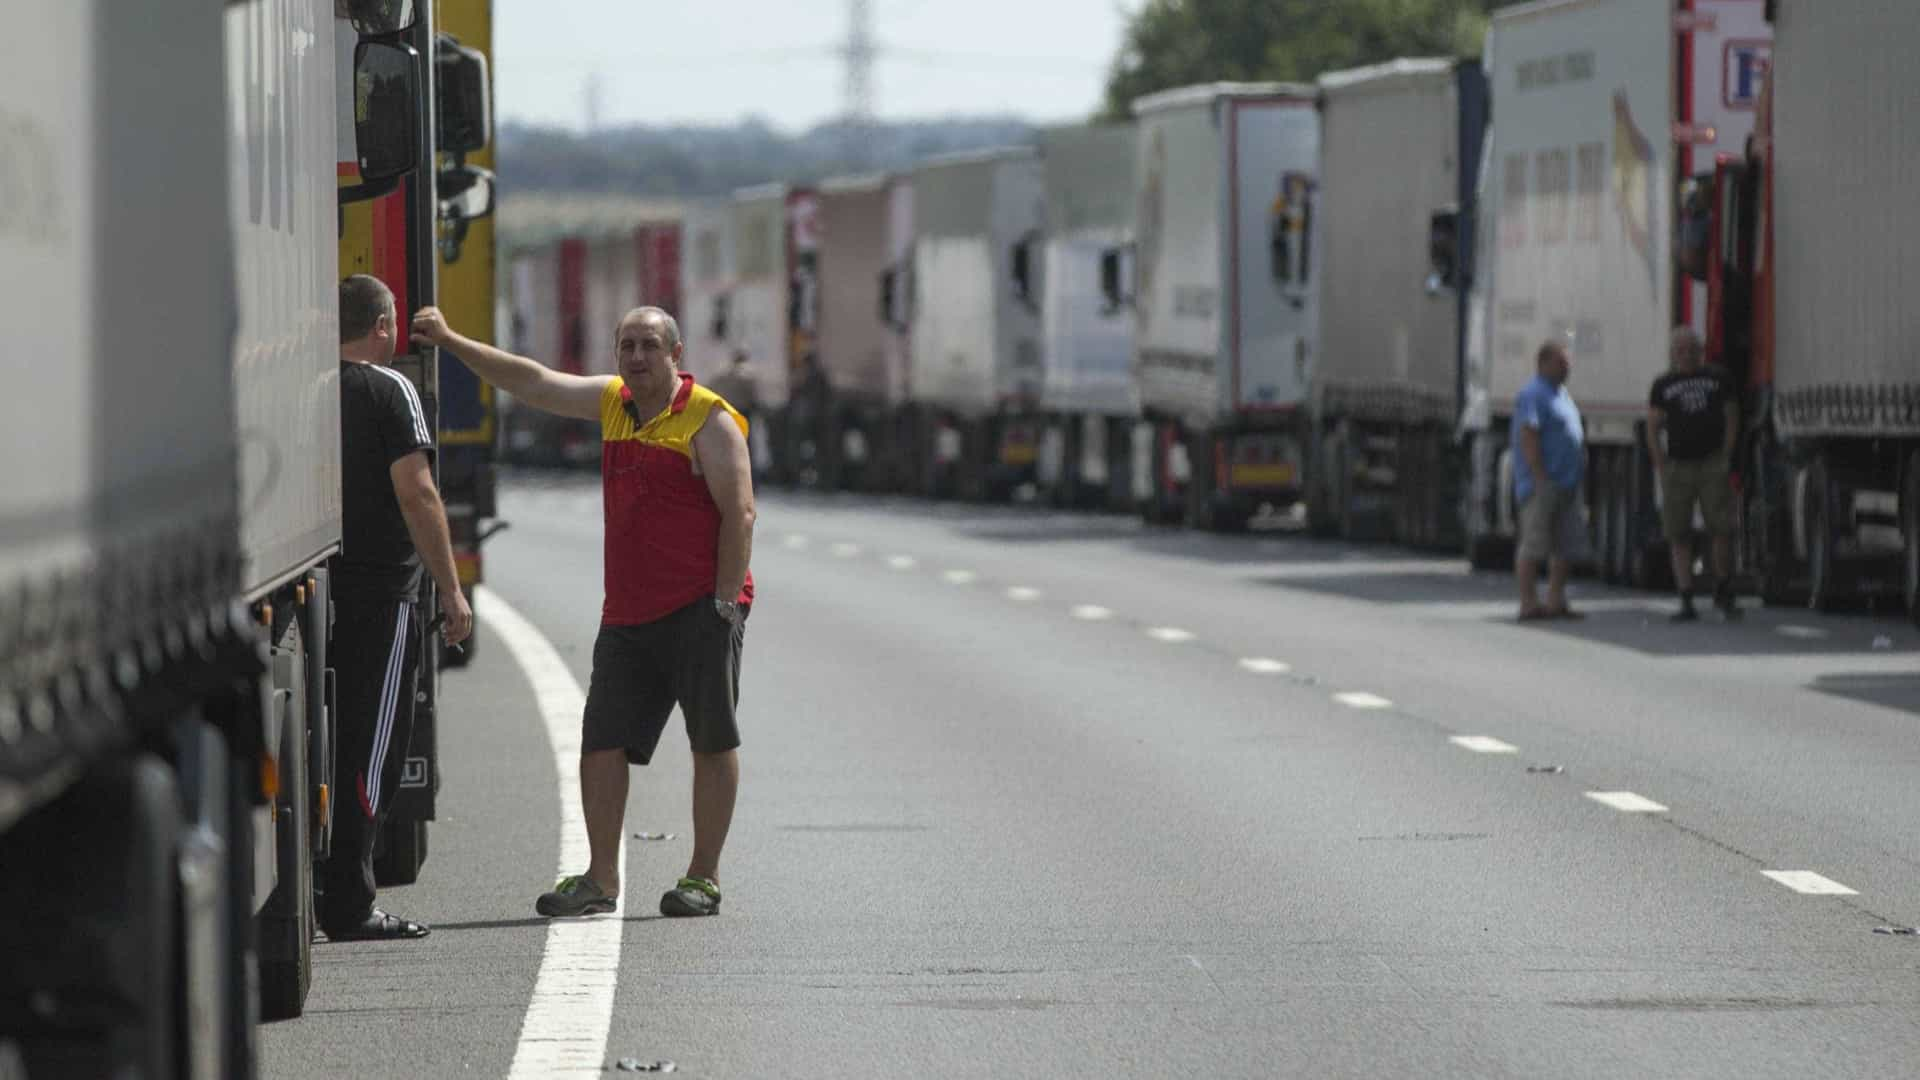 Camionistas com paralisação marcada para hoje por alterações no setor